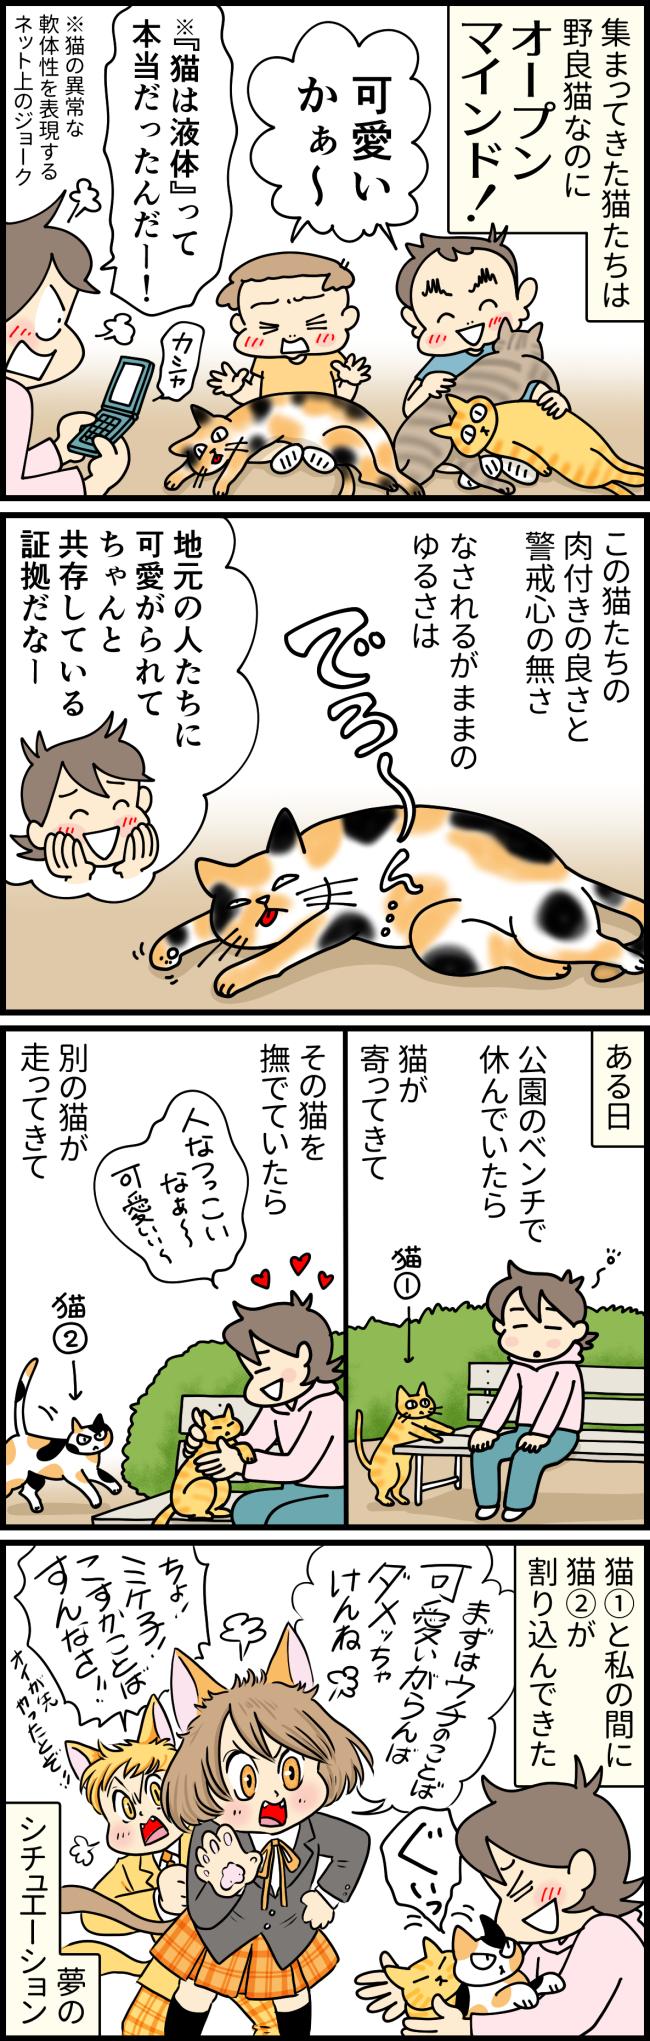 慣れすぎている佐世保の野良猫と触れ合う大原由軌子と子どもたち